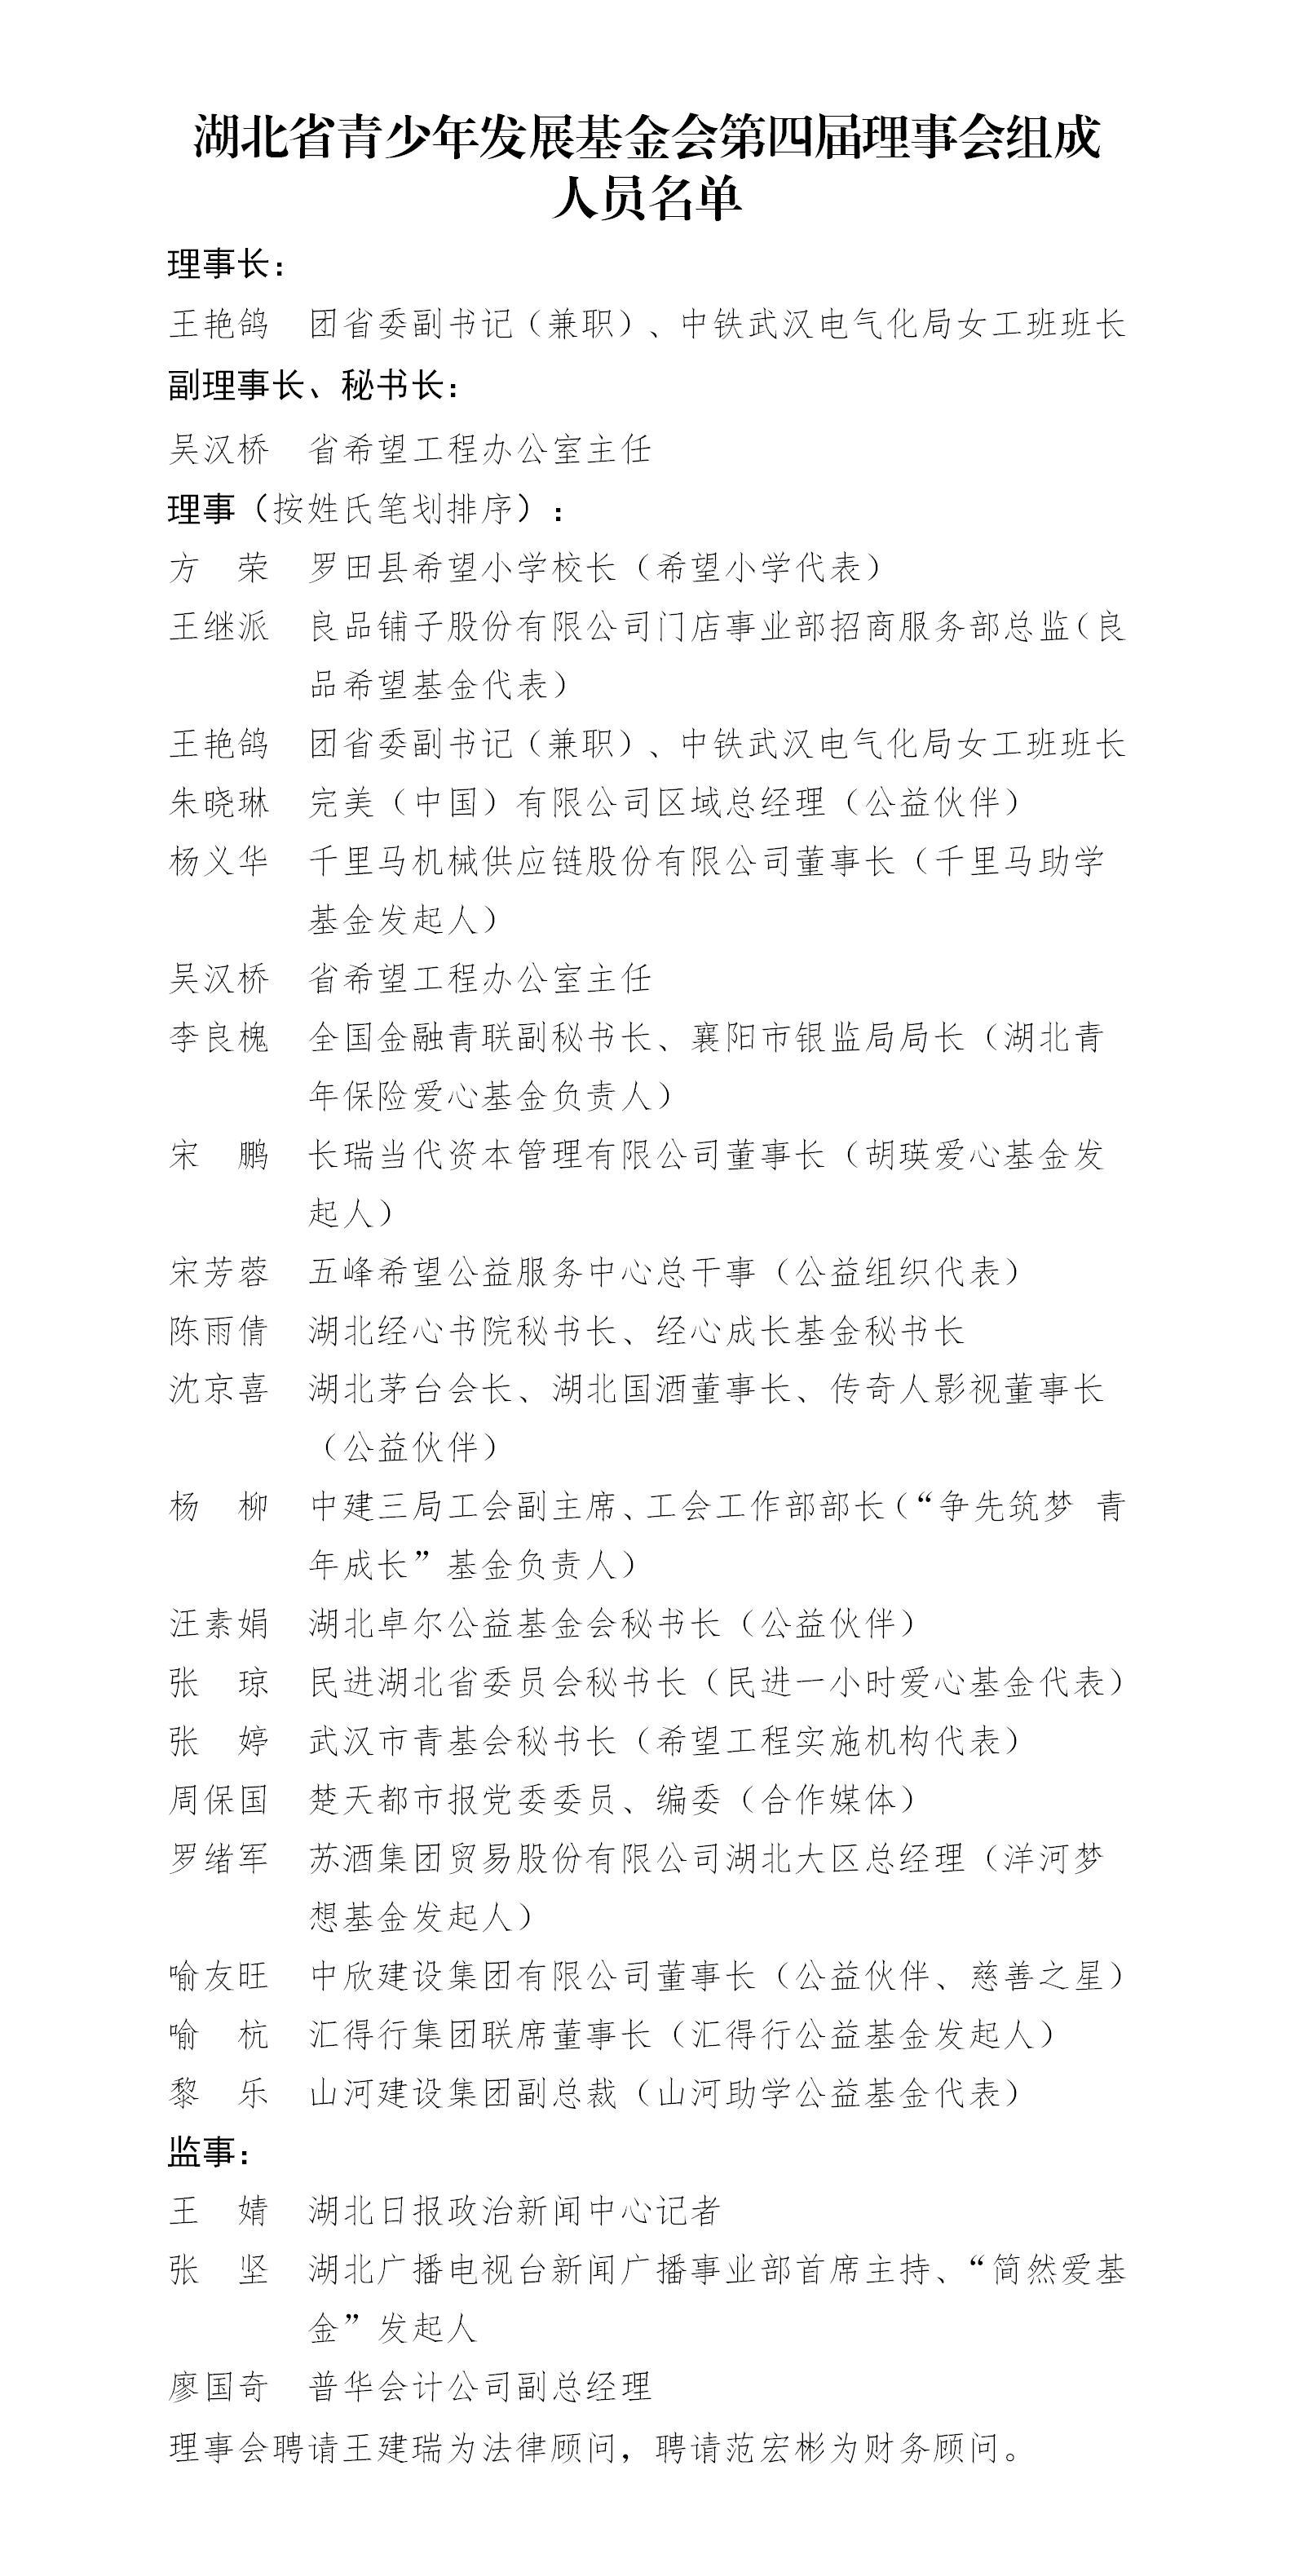 四届理事会第一次会议新闻稿(2).jpg